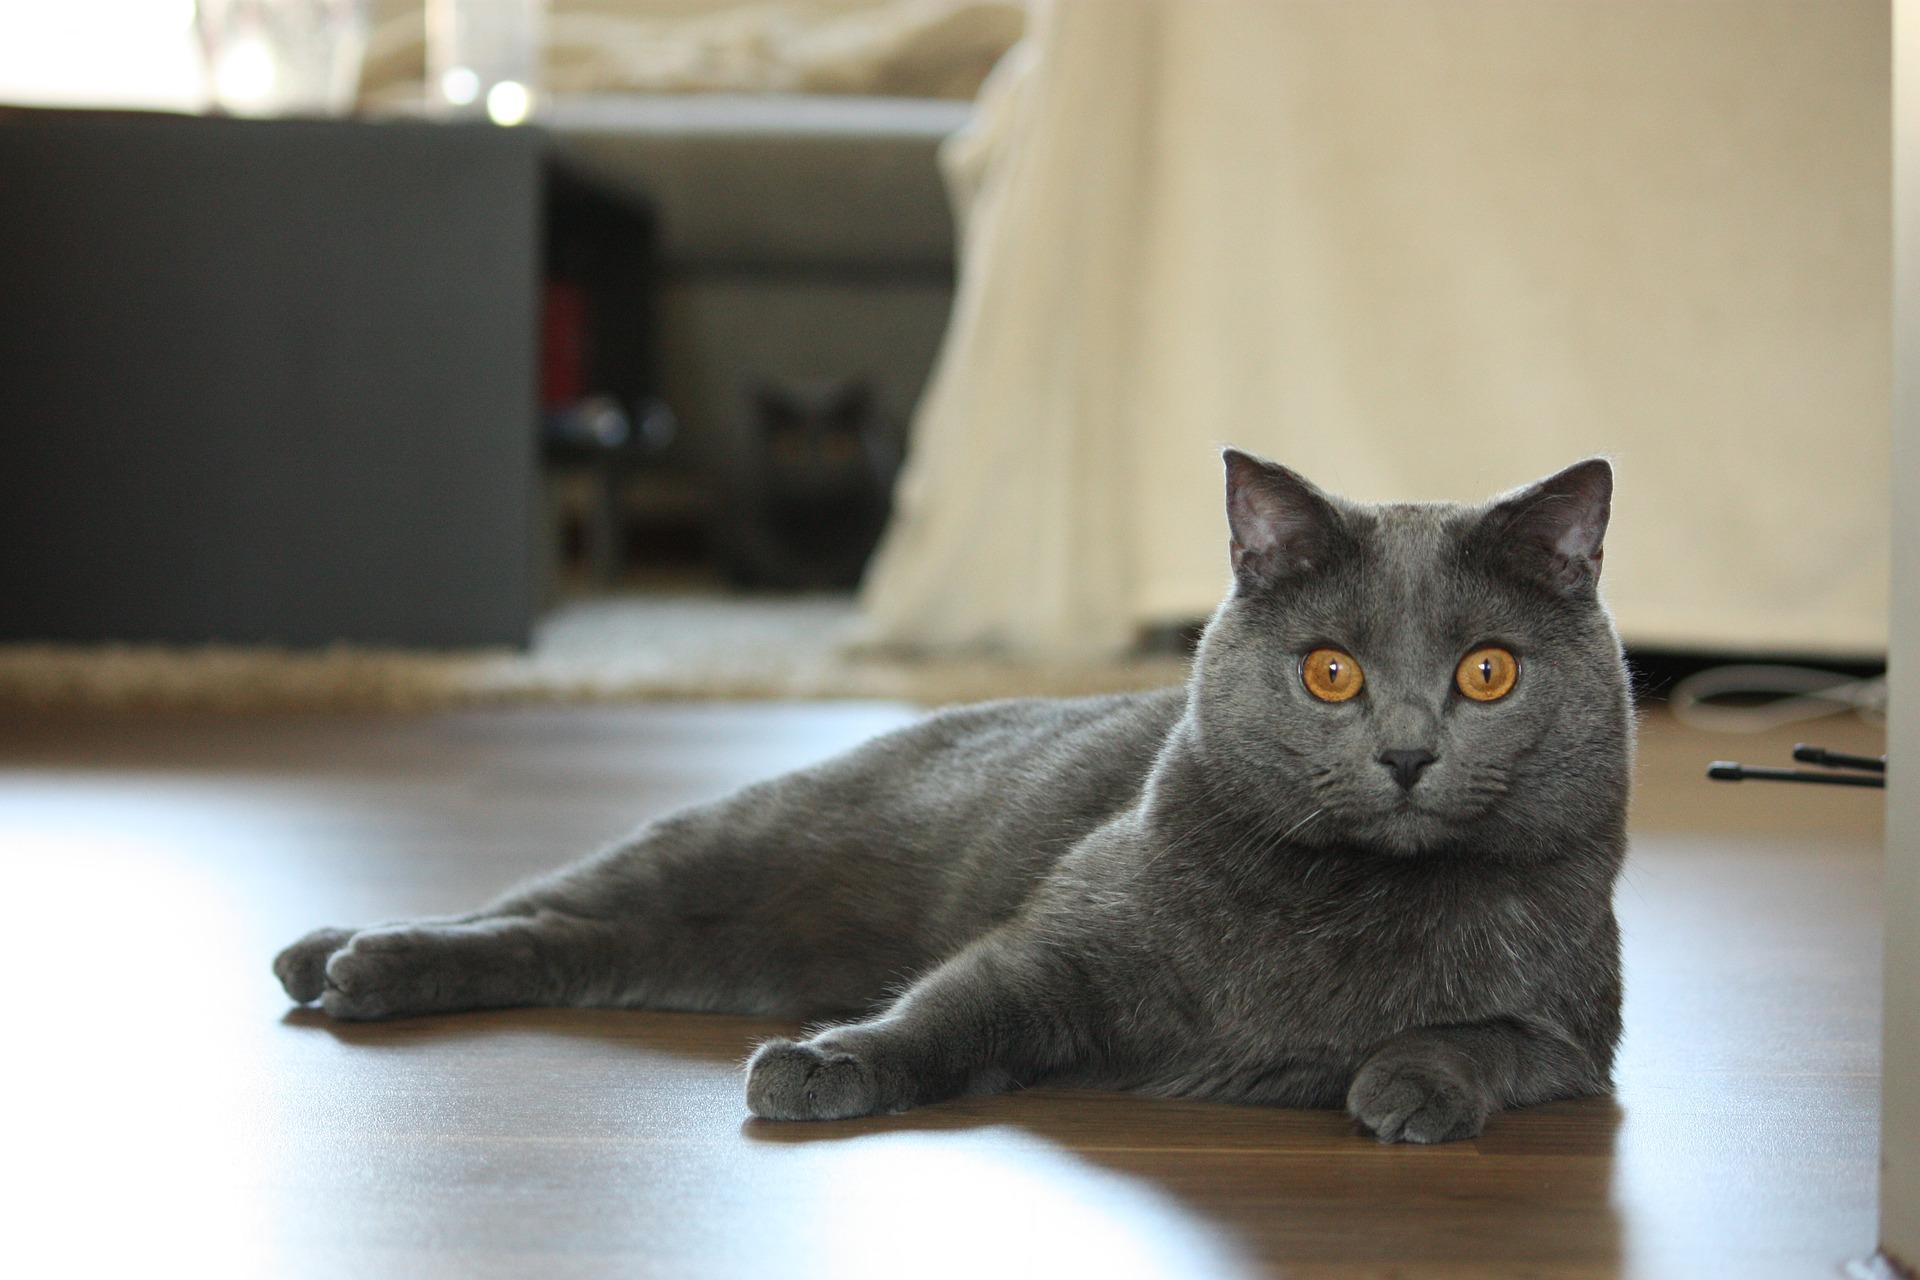 Kartezianinė katė - svarbiausia informacija apie veislę